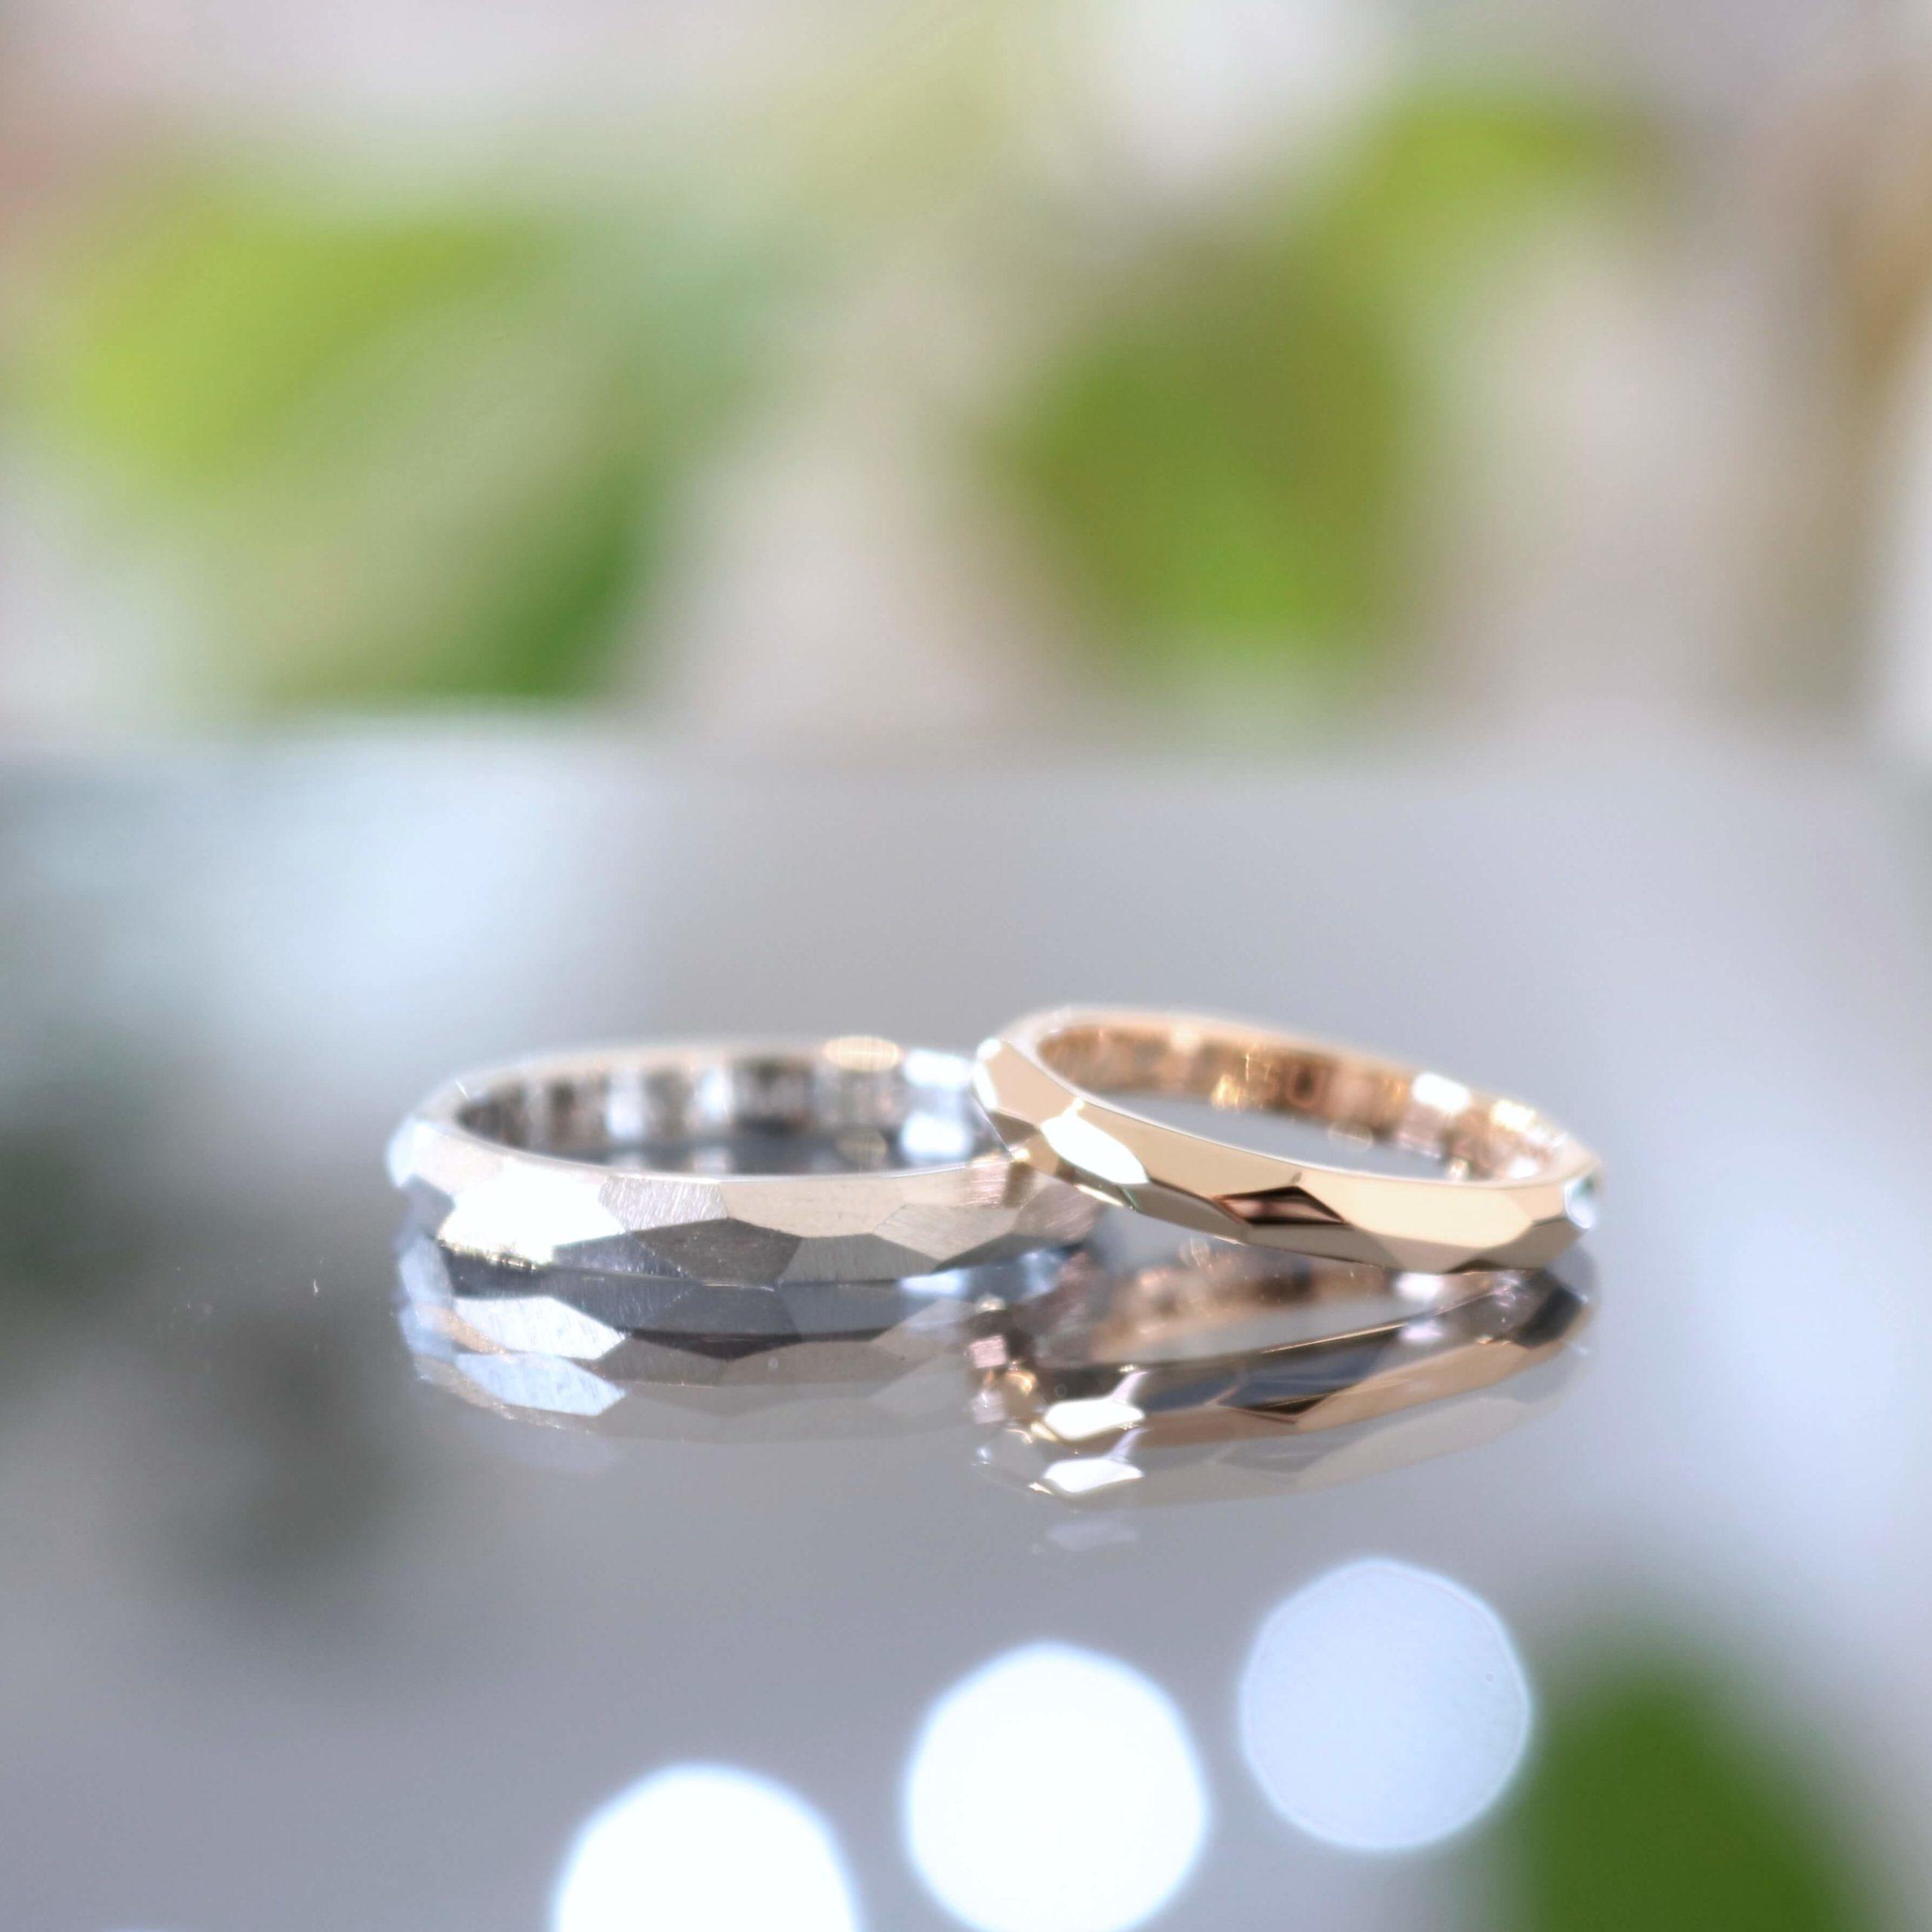 想い出のマークを内側に刻んだ結婚指輪